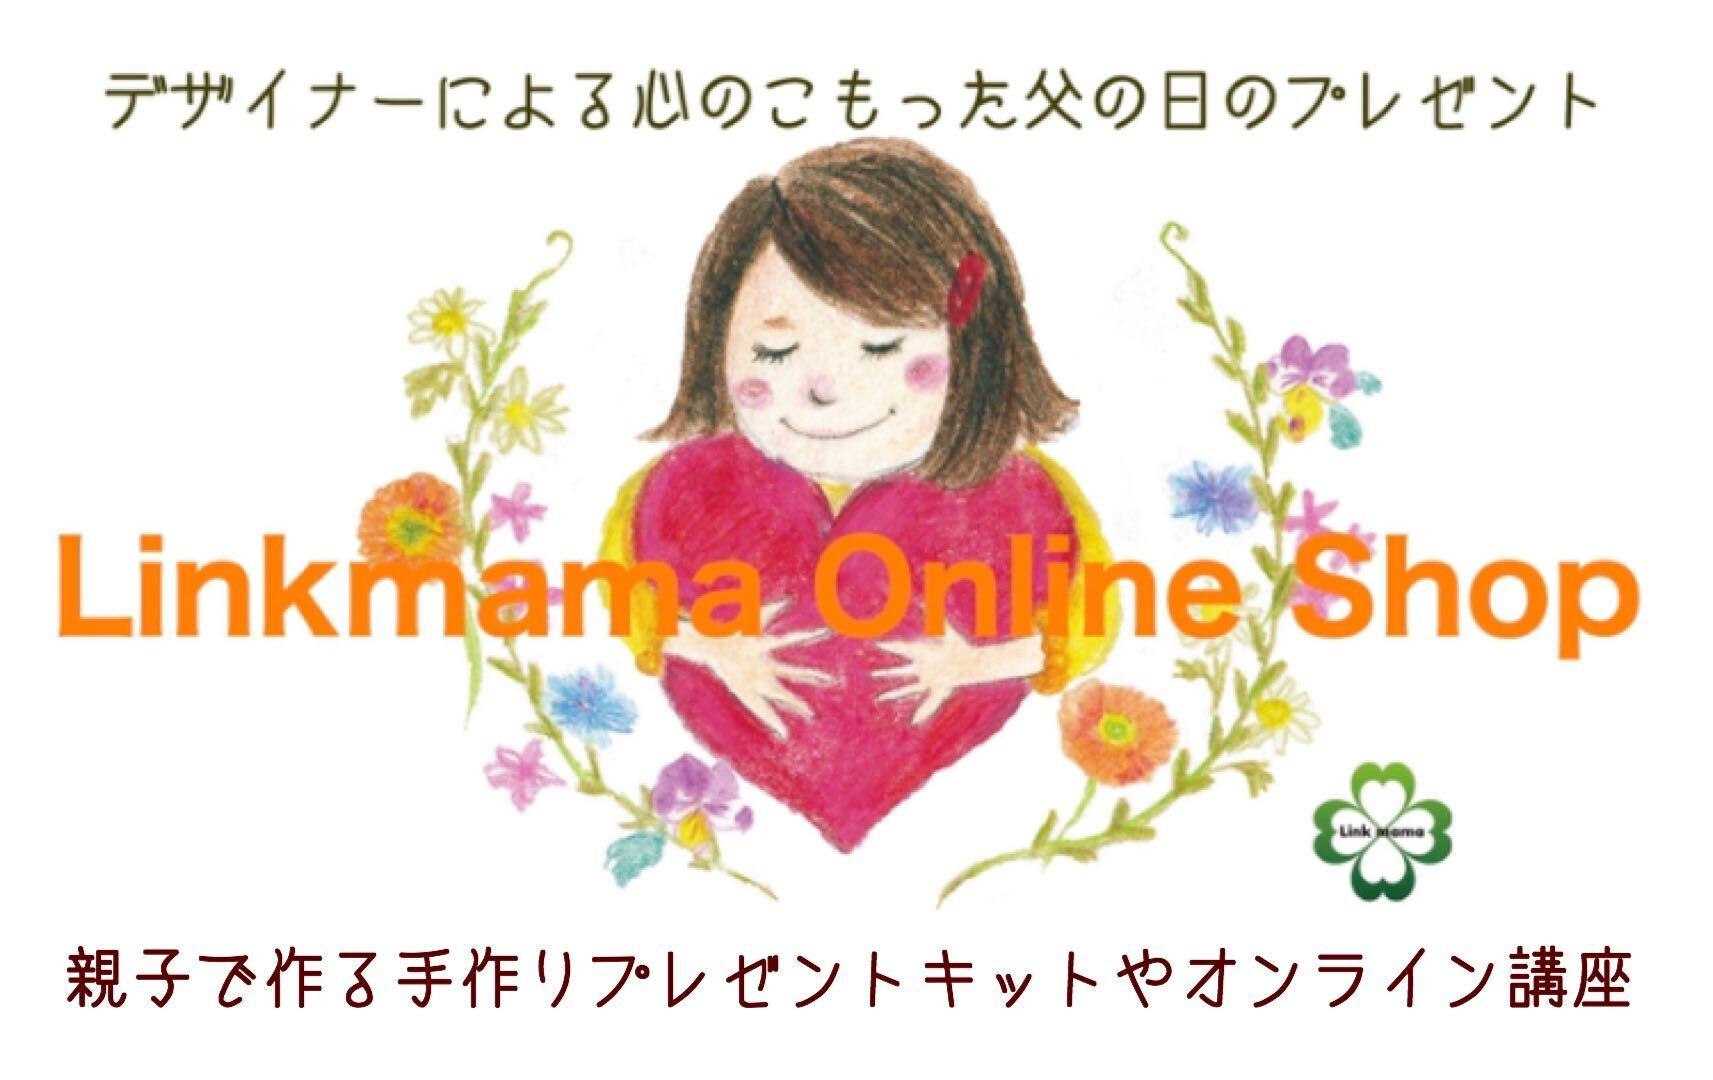 Linkmama  online shop